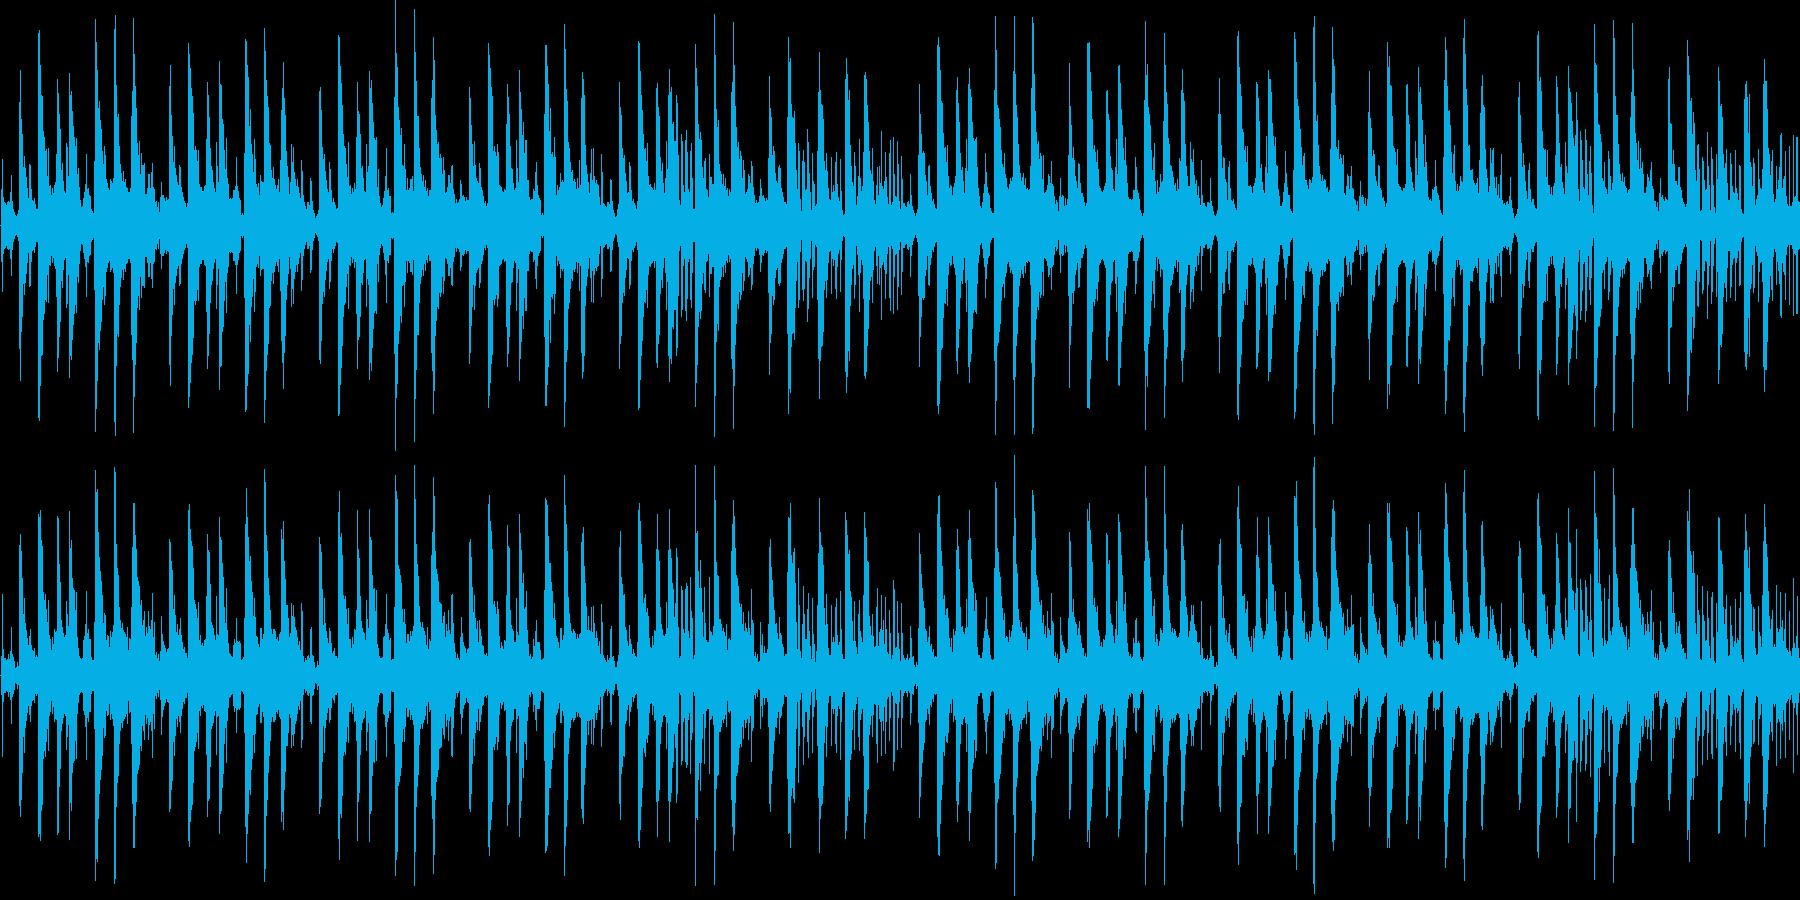 【エレクトロニカ/シンセポップ/EDM】の再生済みの波形